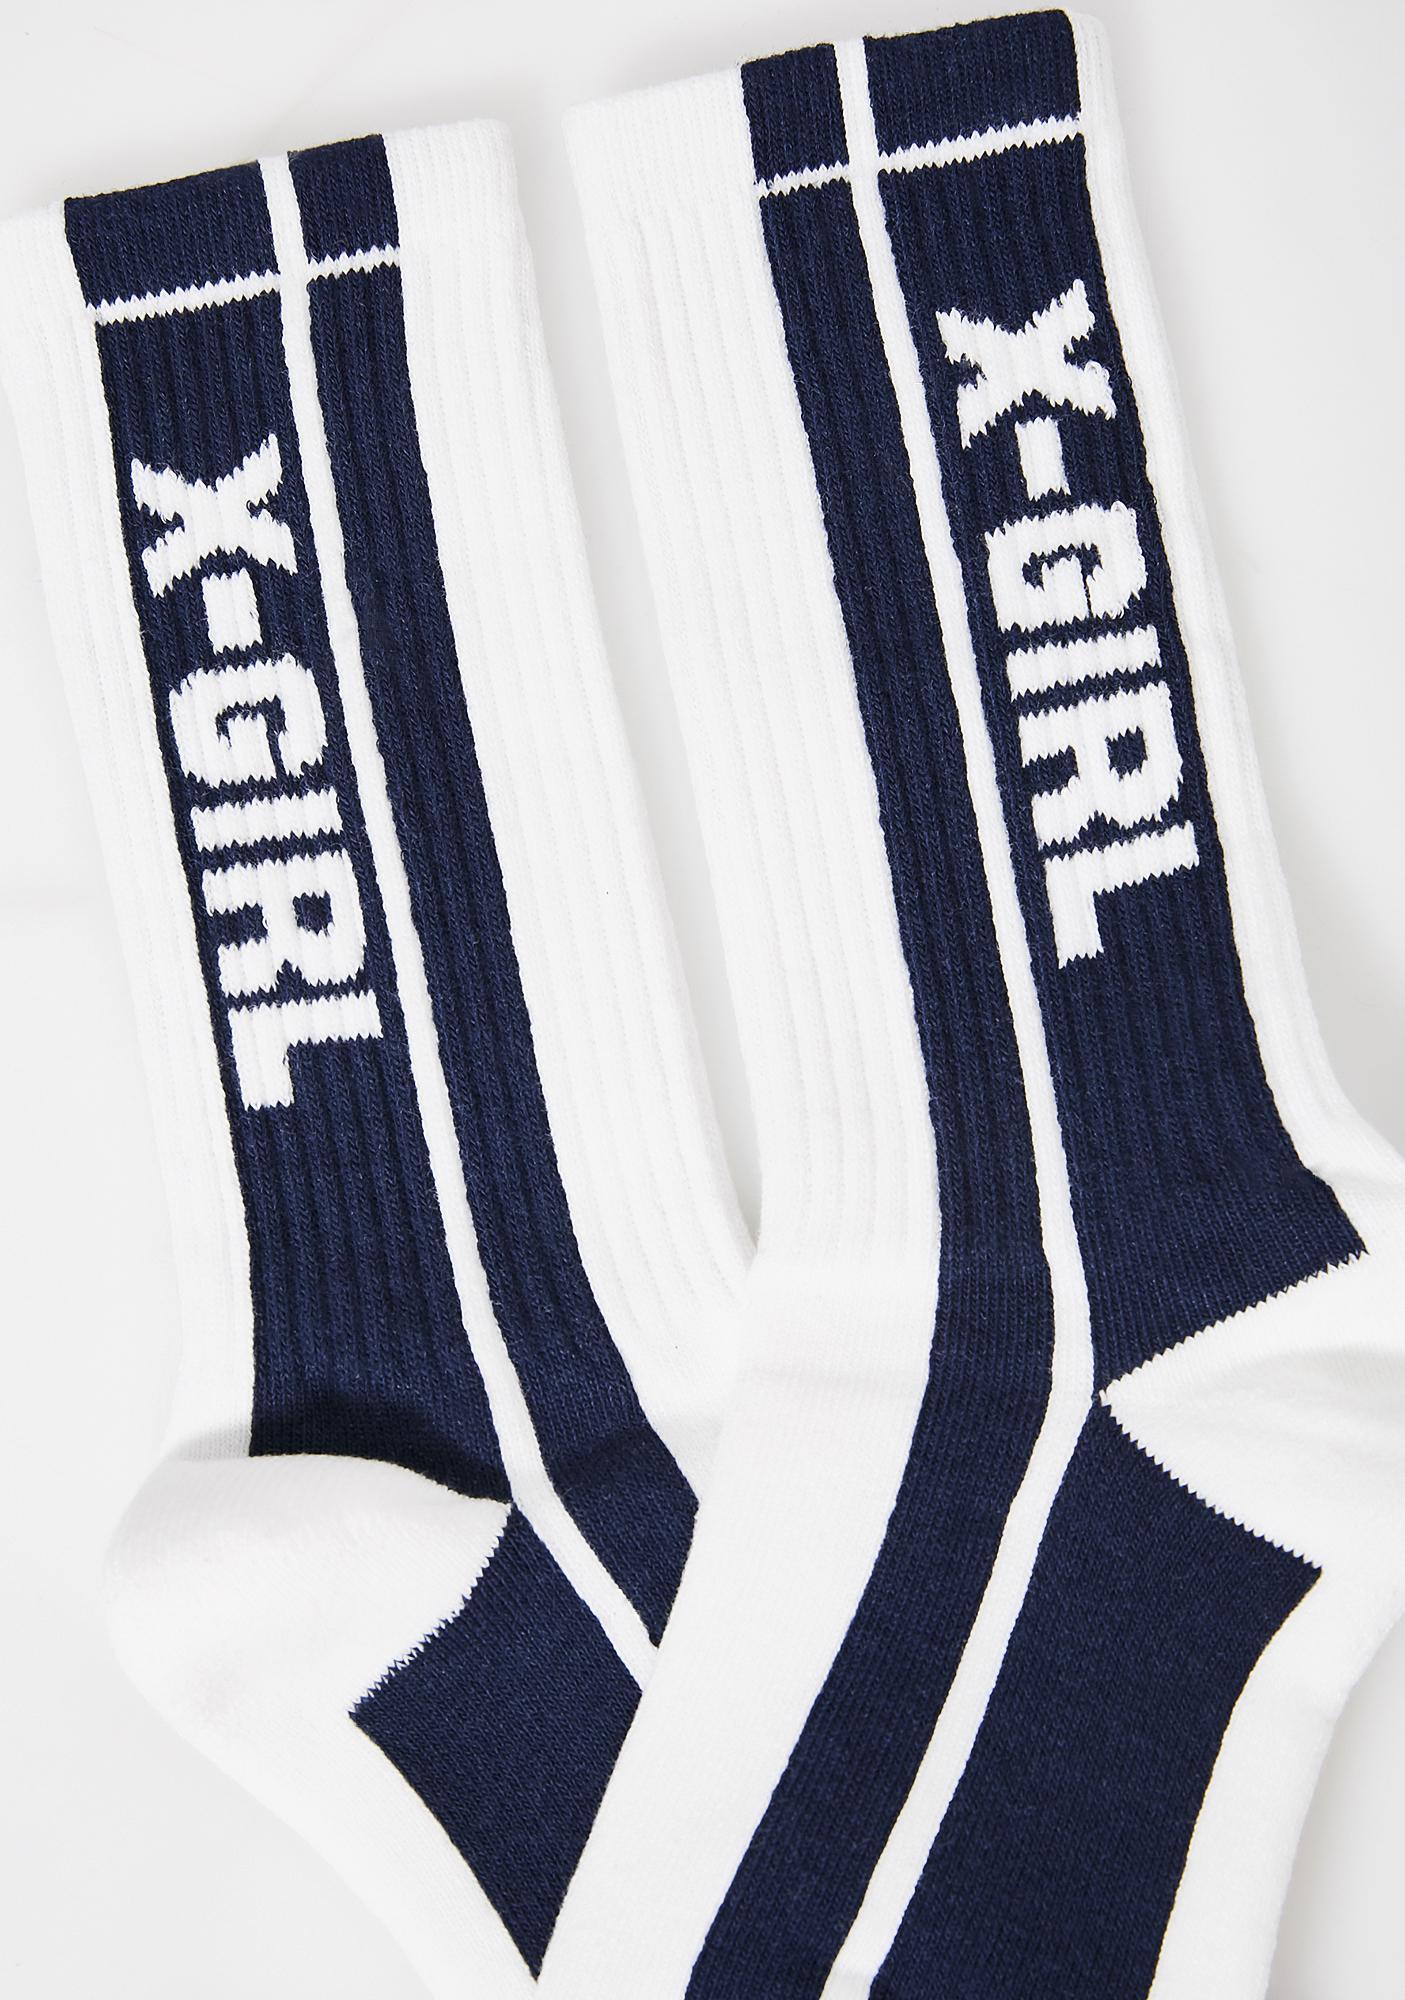 x-Girl Pit Crew Socks